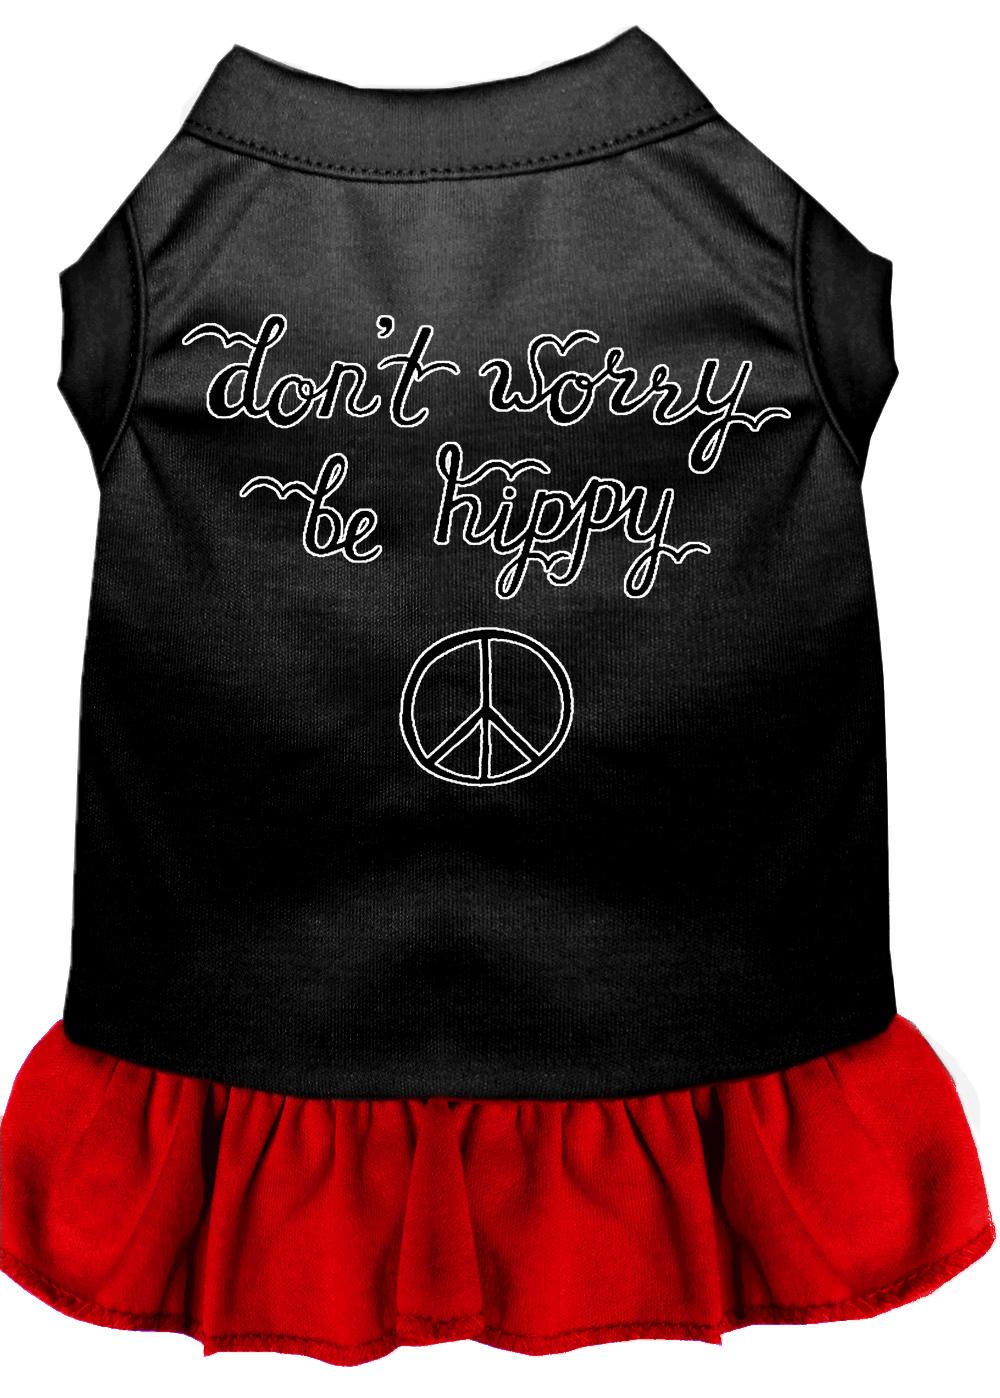 Be hippy screen print dog dress black with red xxl 18 for Xxl 18 xxl 2012 black